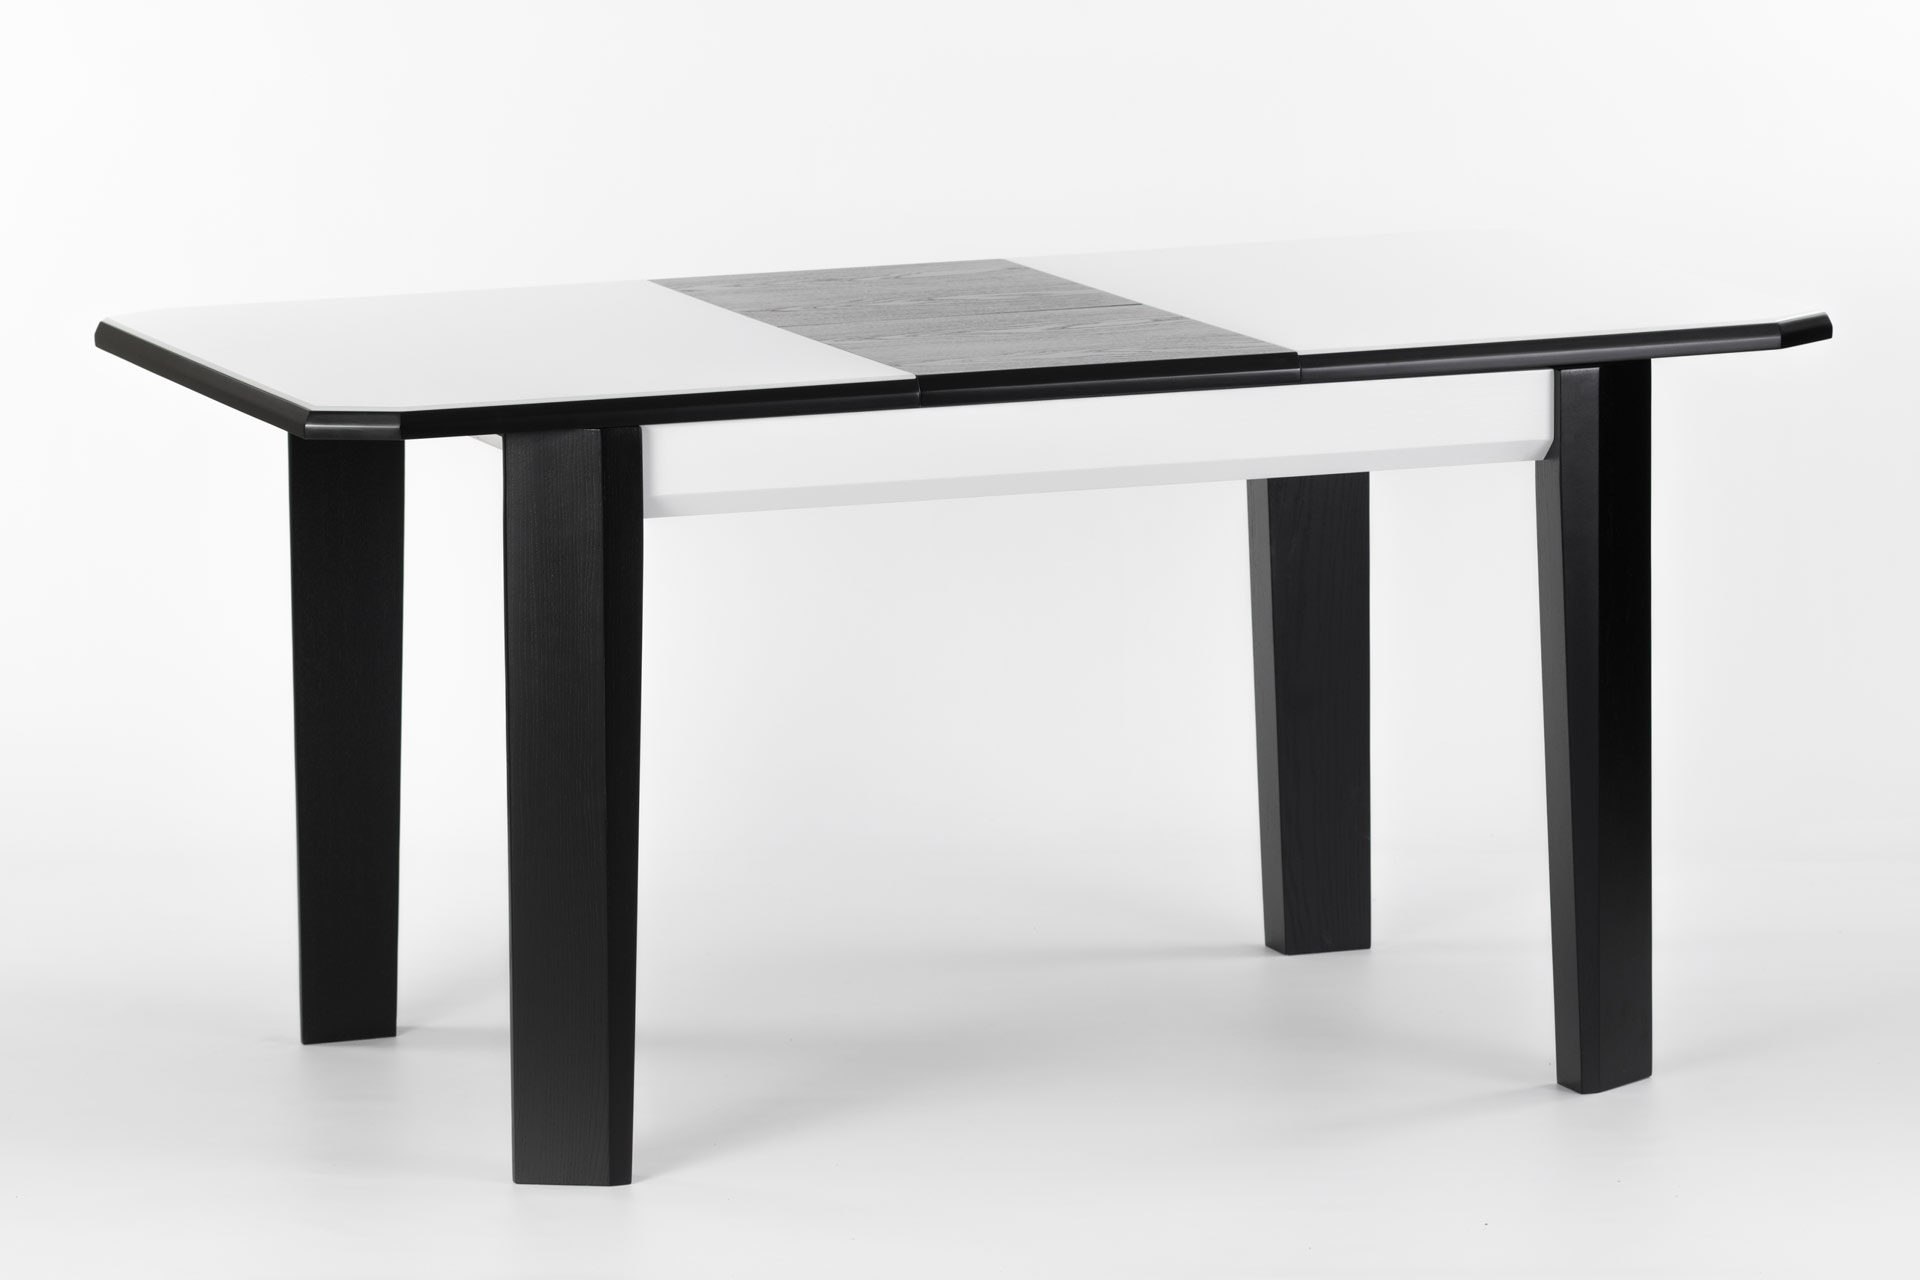 Деревянный кухонный стол Варгас, с черными ножками и белой столешницей со стеклом, разложенный